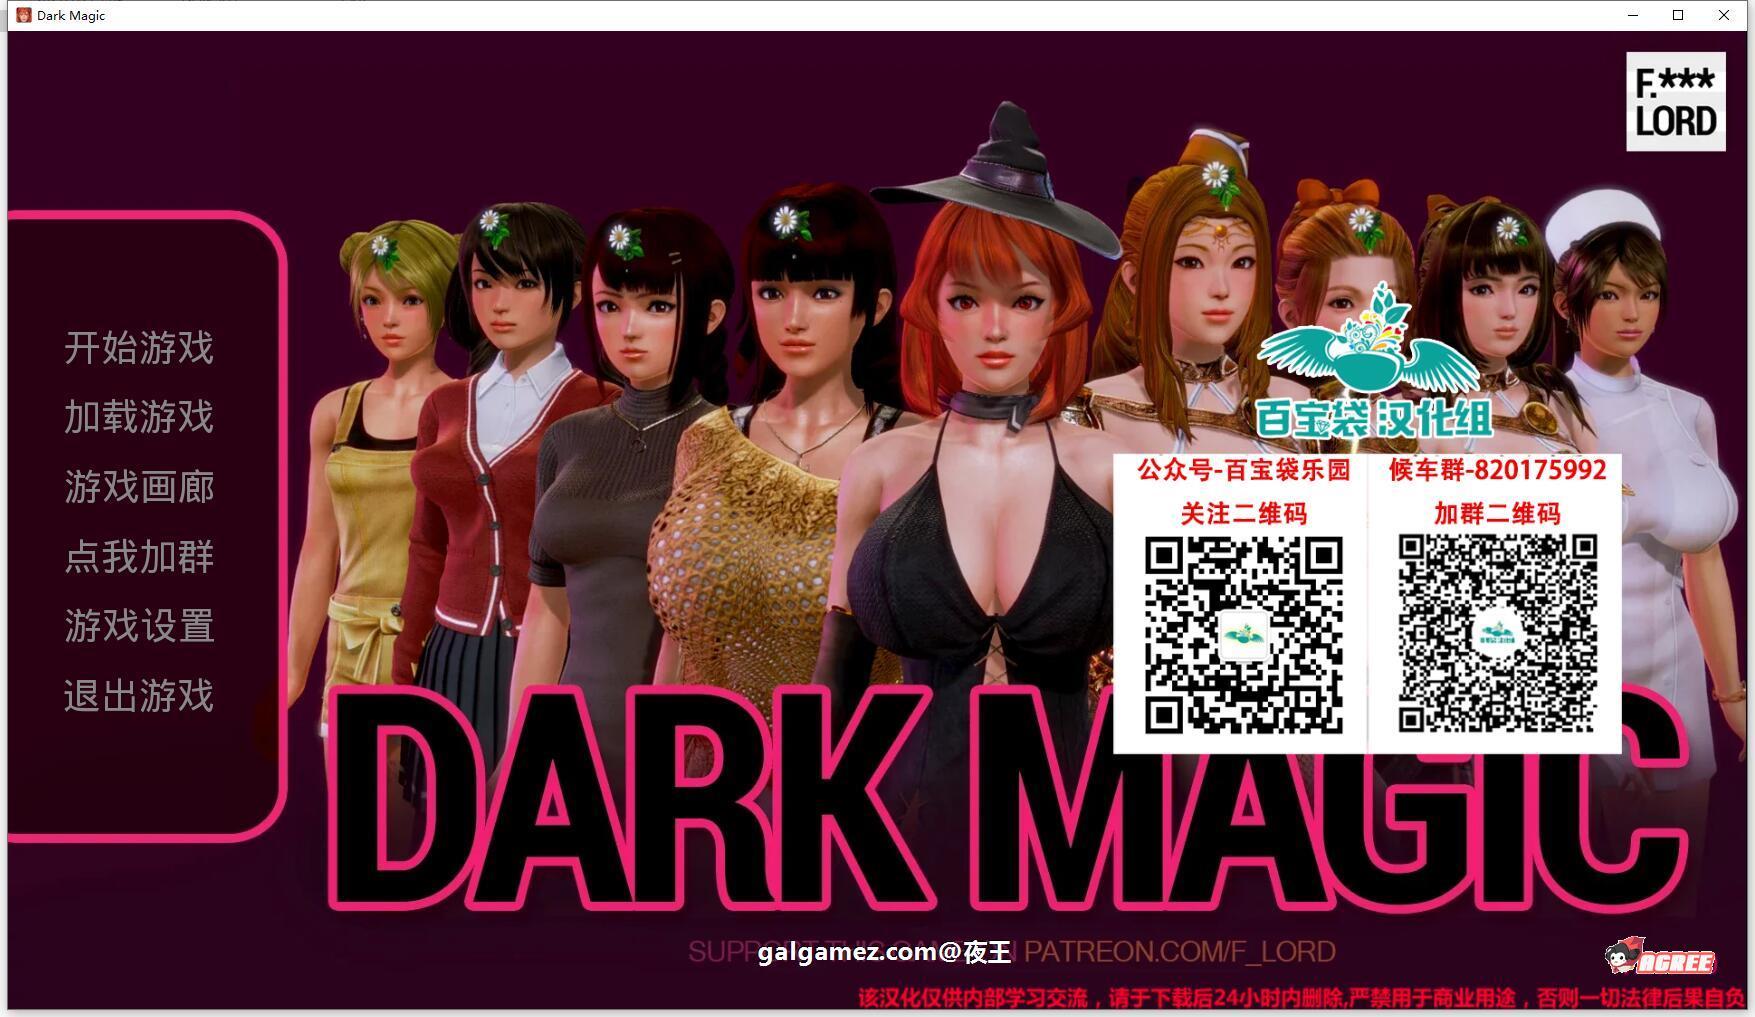 【欧美SLG/汉化/动态】黑魔法 1.3.0 精翻汉化版+全CG【PC+安卓】【1月25更新/4G】